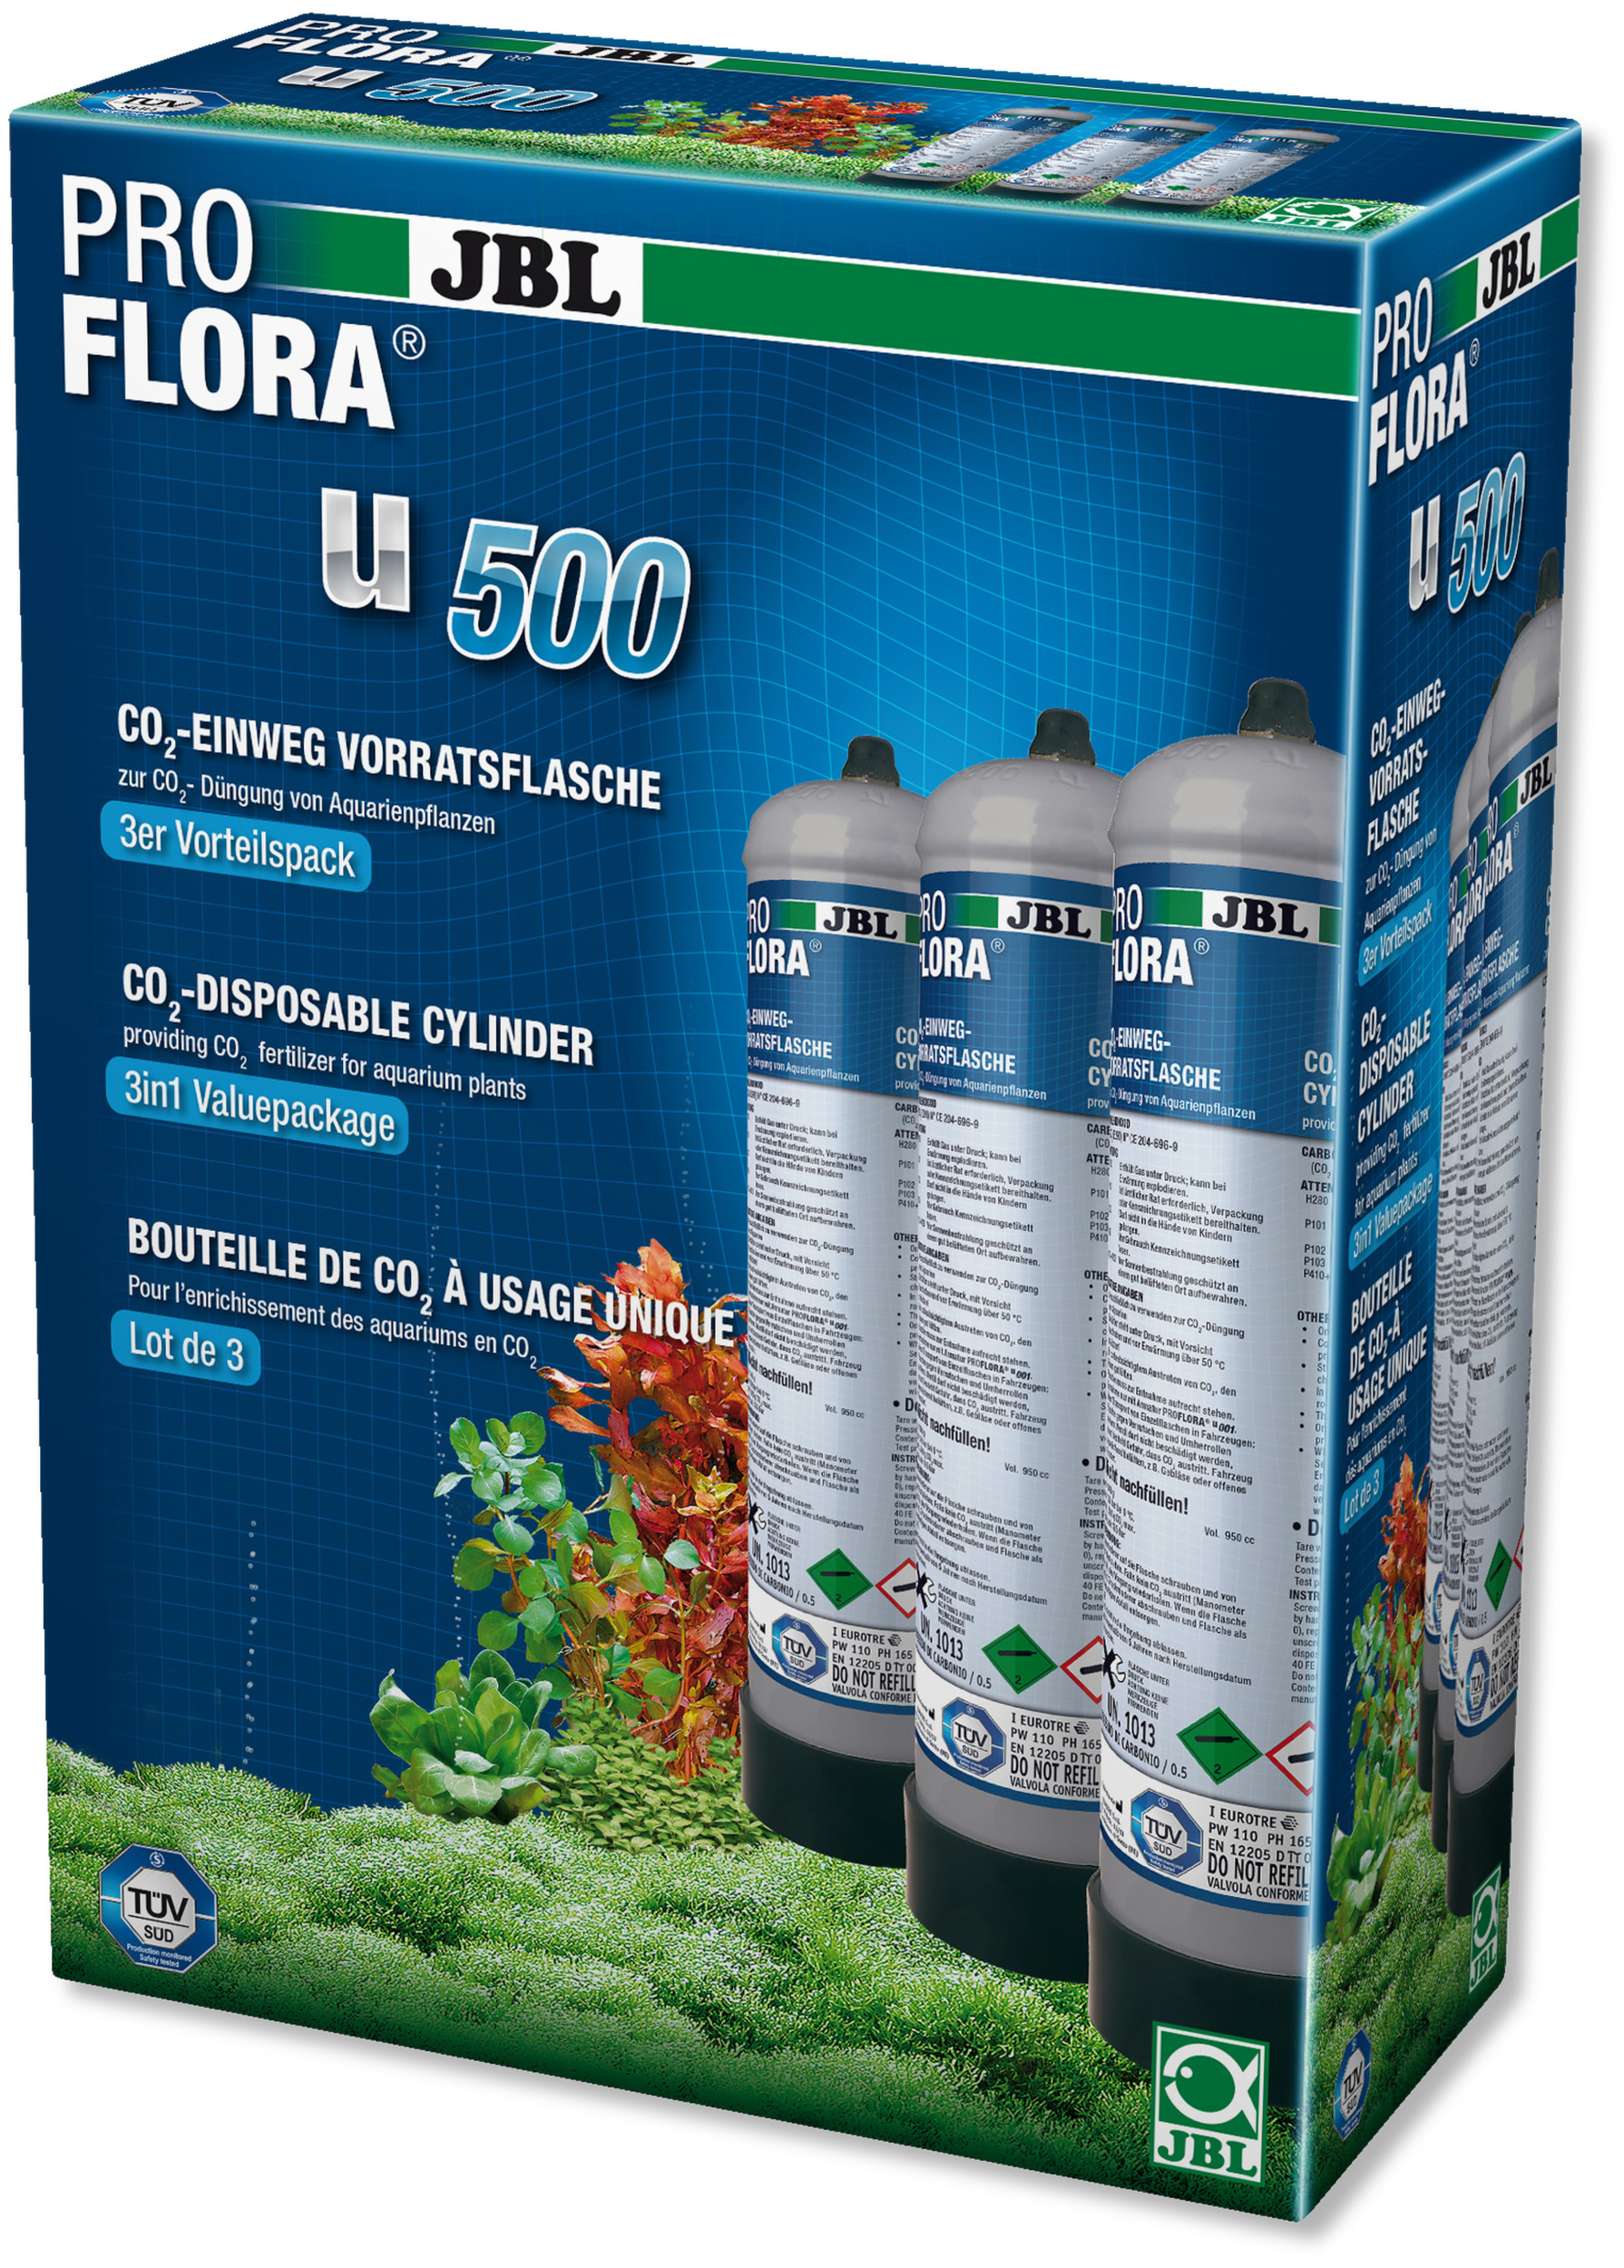 JBL ProFlora u500 lot de 3 bouteilles de CO2 de 500 gr. à usage unique